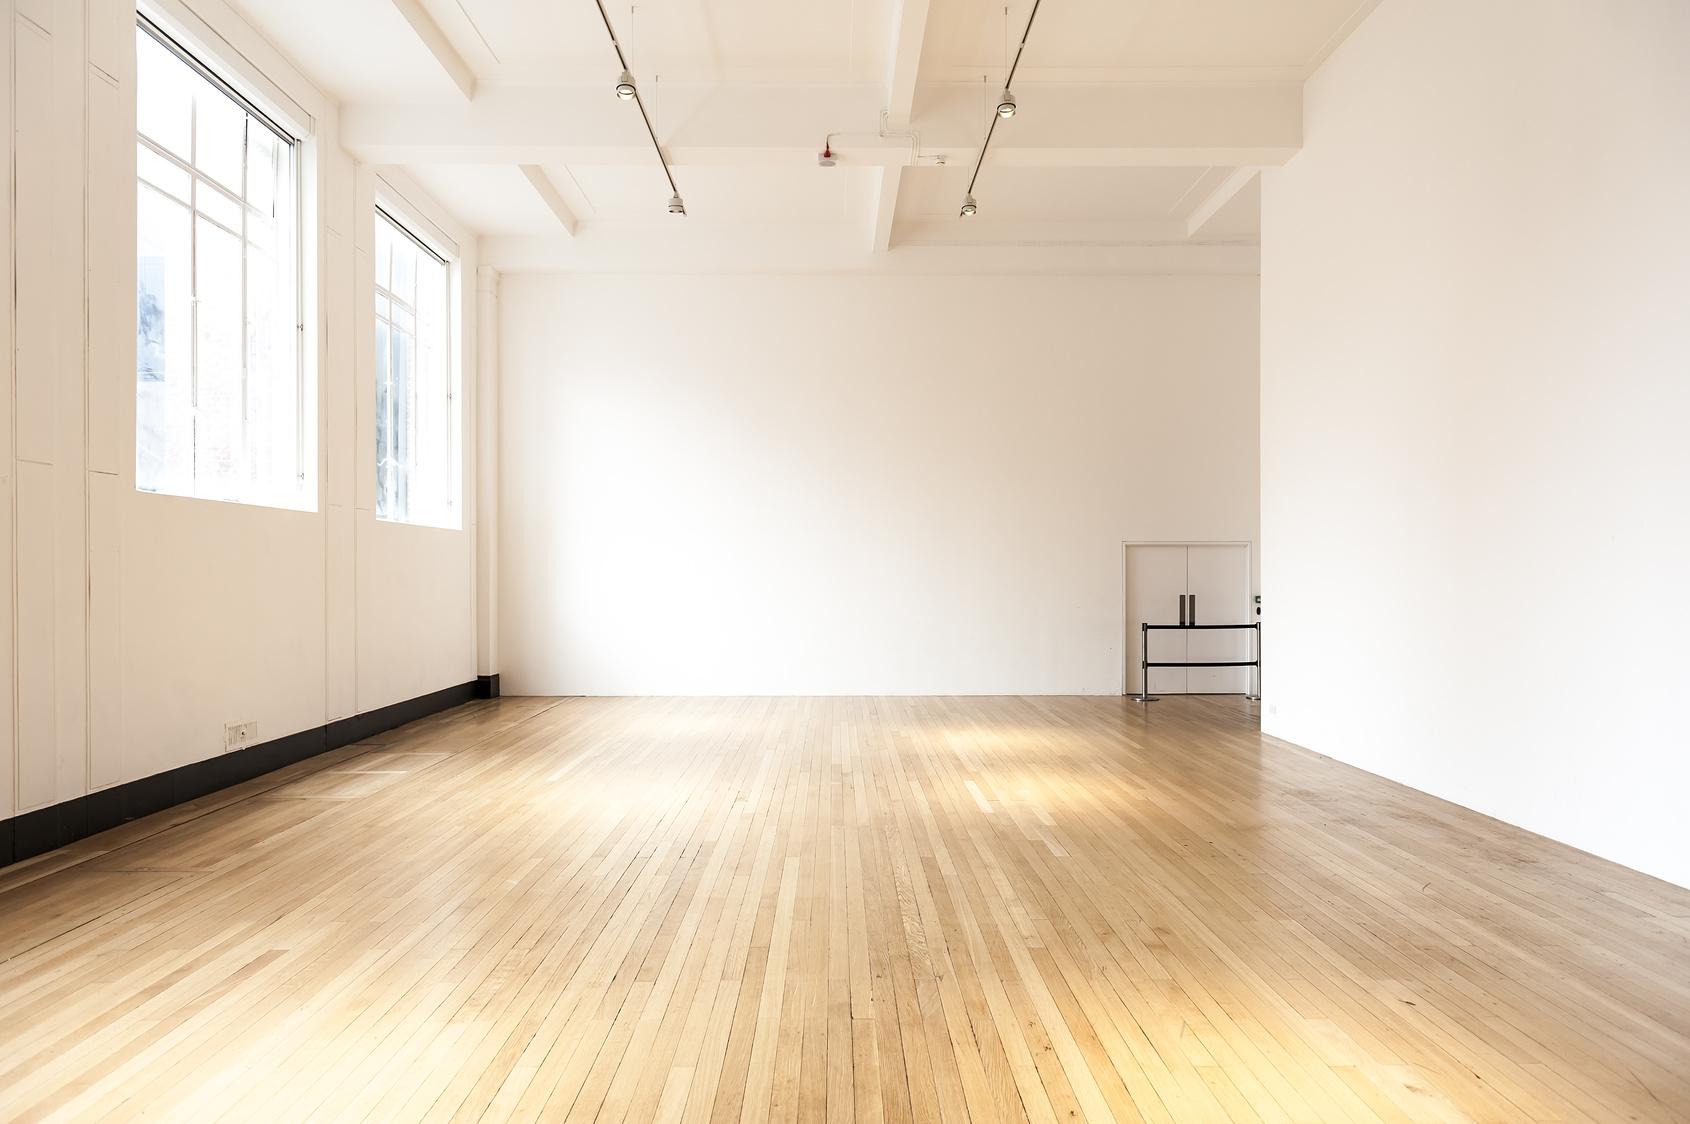 isolation phonique plancher bois l etage maison design stuhne